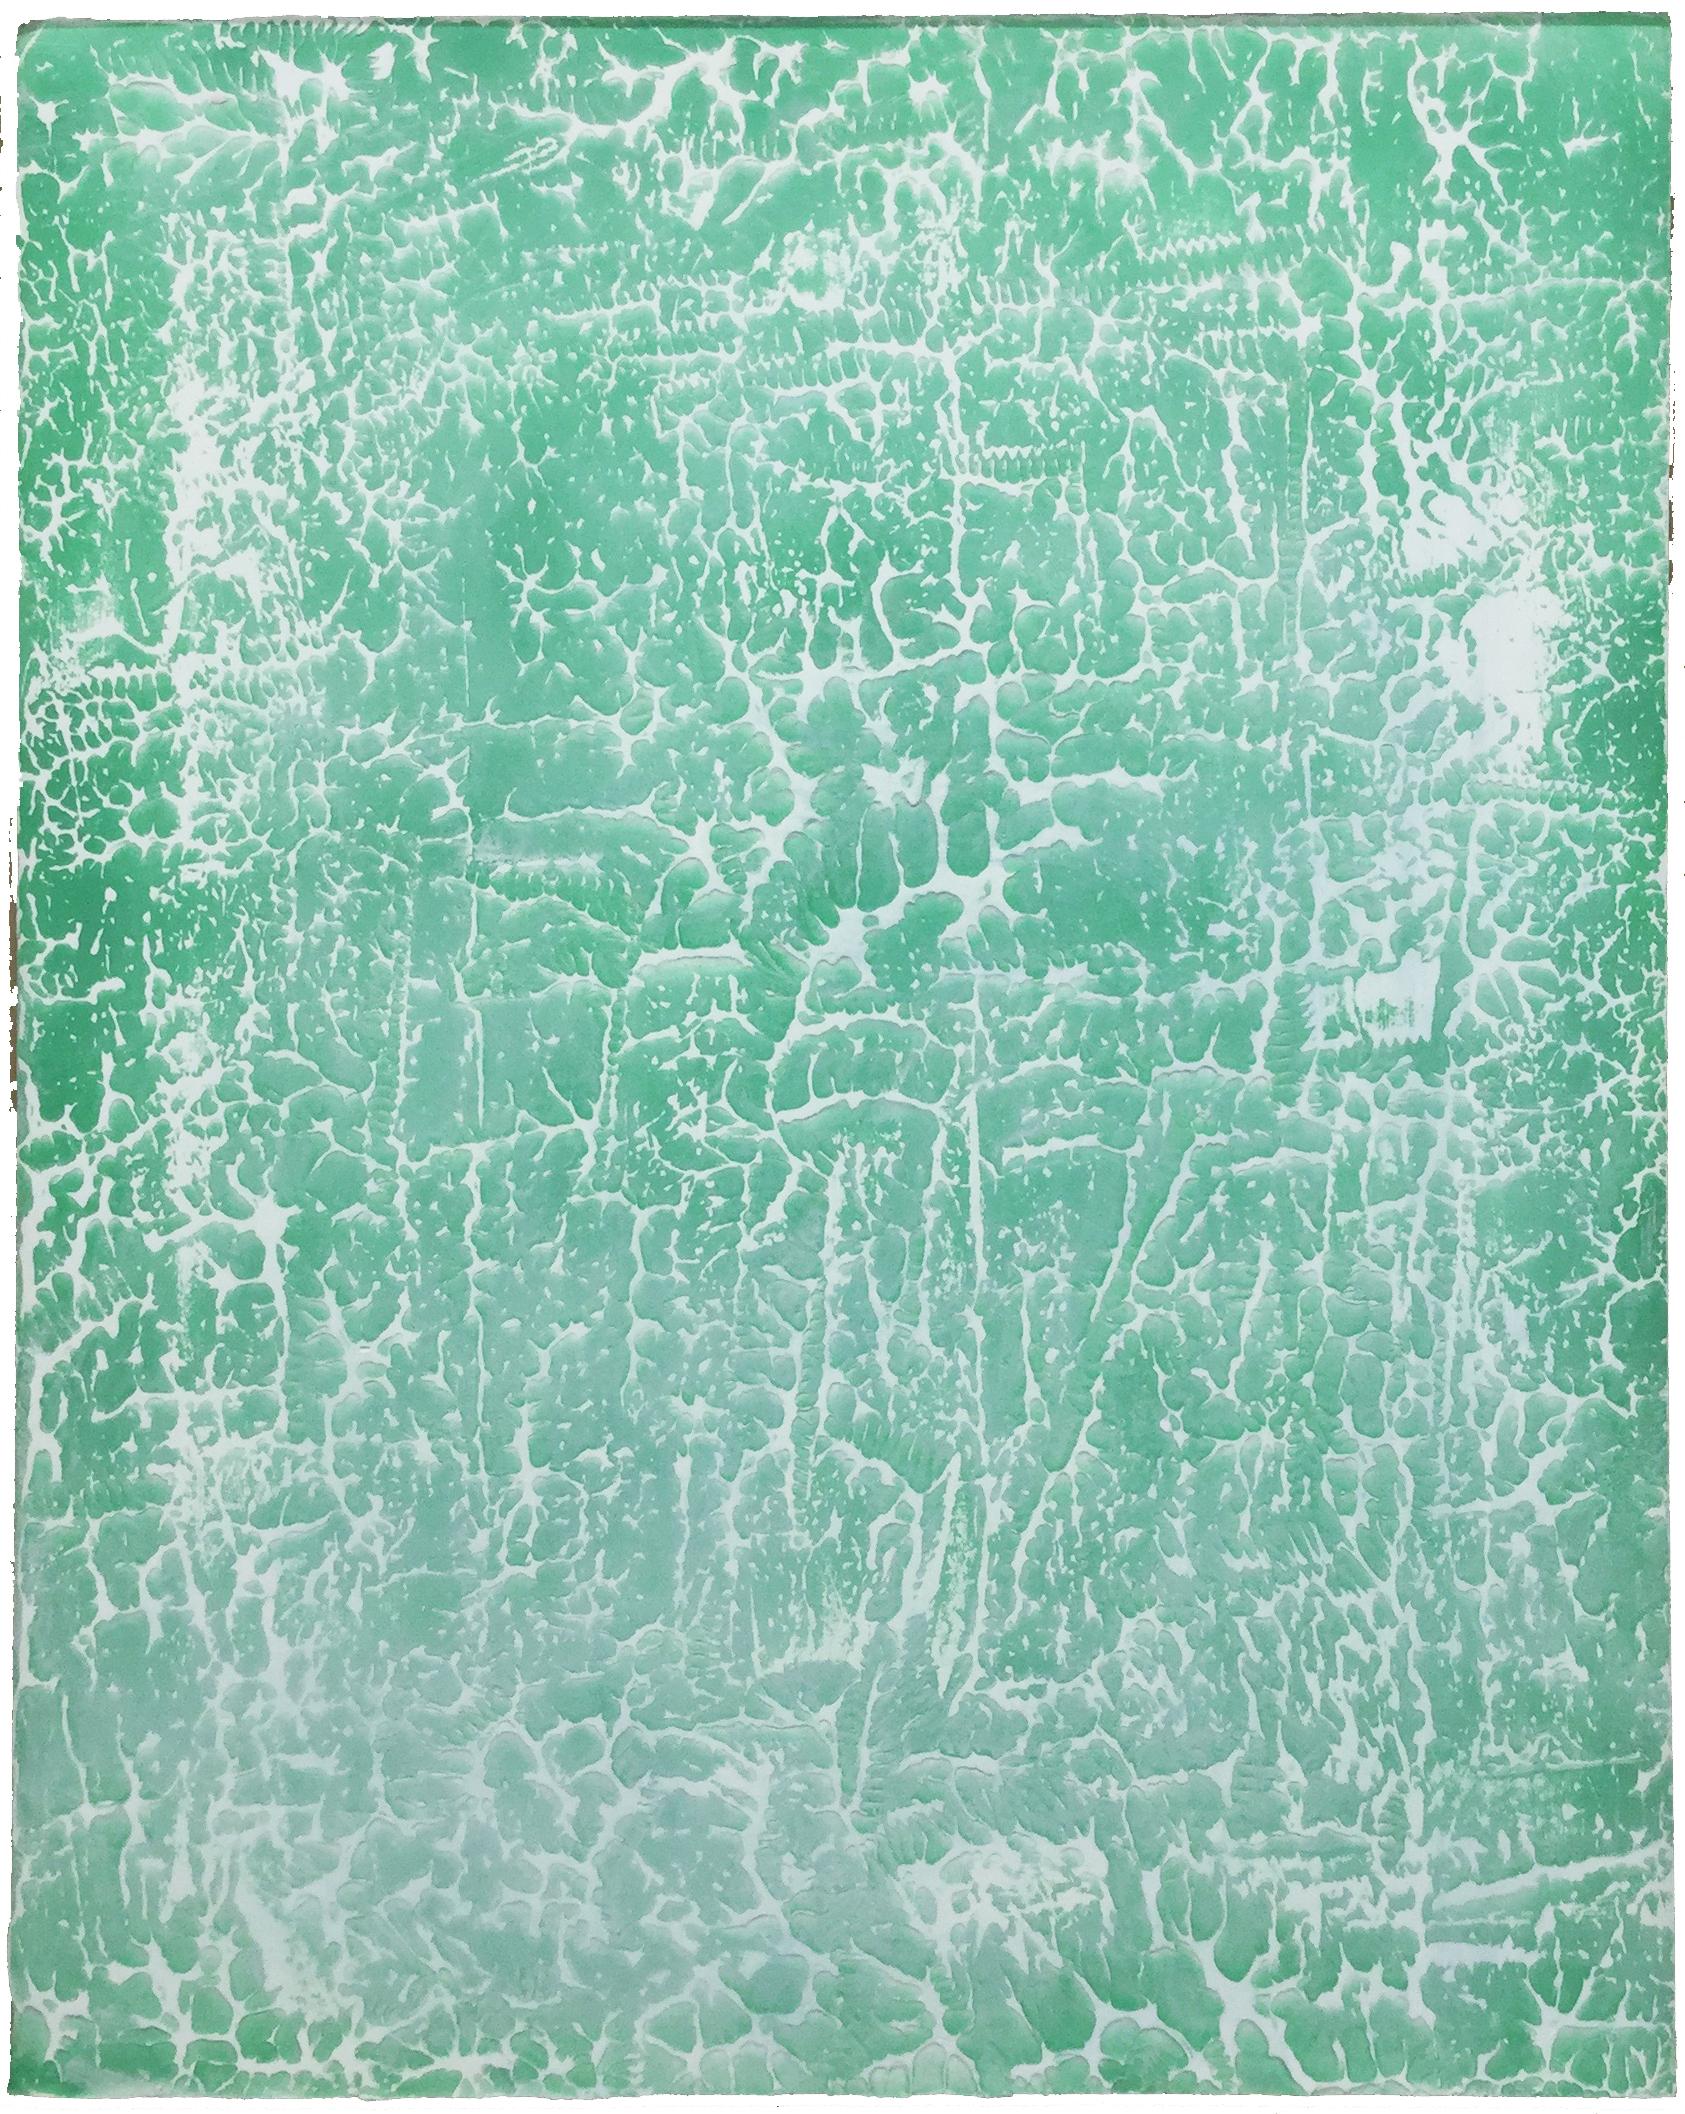 Ronchamp 03  2017  Plâtre, acrylique et peinture aérosol sur gypse  76 X 61 cm